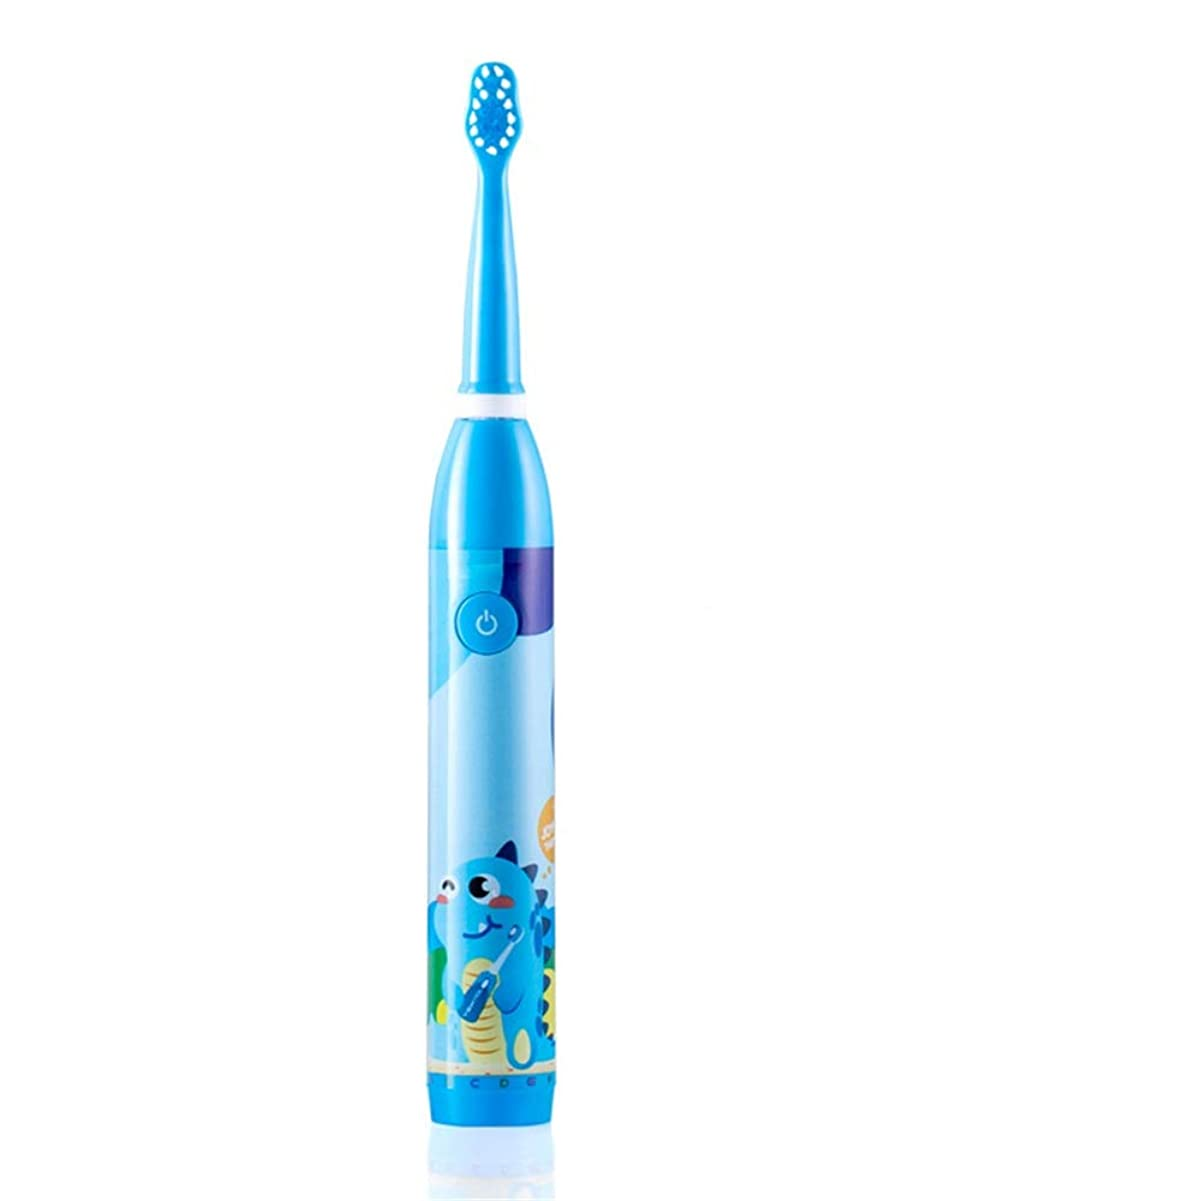 電気技師ニックネームふざけた6-12歳の子供に適した耐久性のある子供用電動歯ブラシUSB充電式防水保護ホワイトニング歯ブラシ 完璧な旅の道連れ (色 : 青, サイズ : Free size)